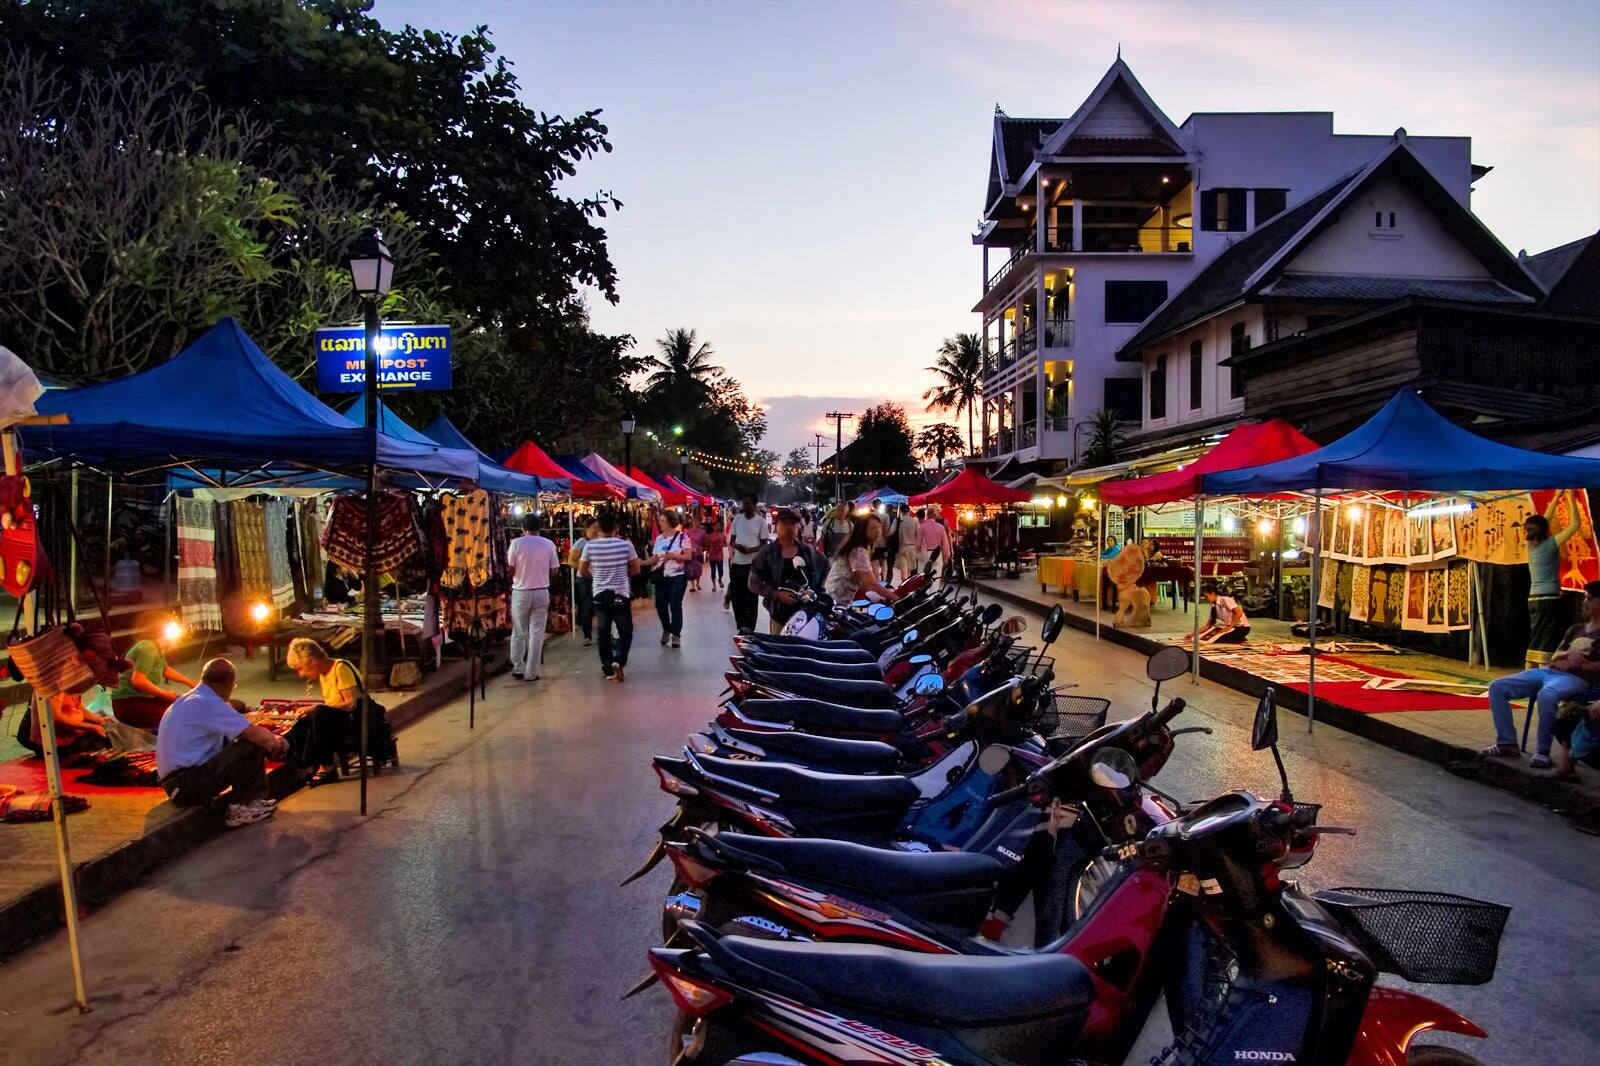 Luang Prabang Night Market - 24 Hours in Luang Prabang